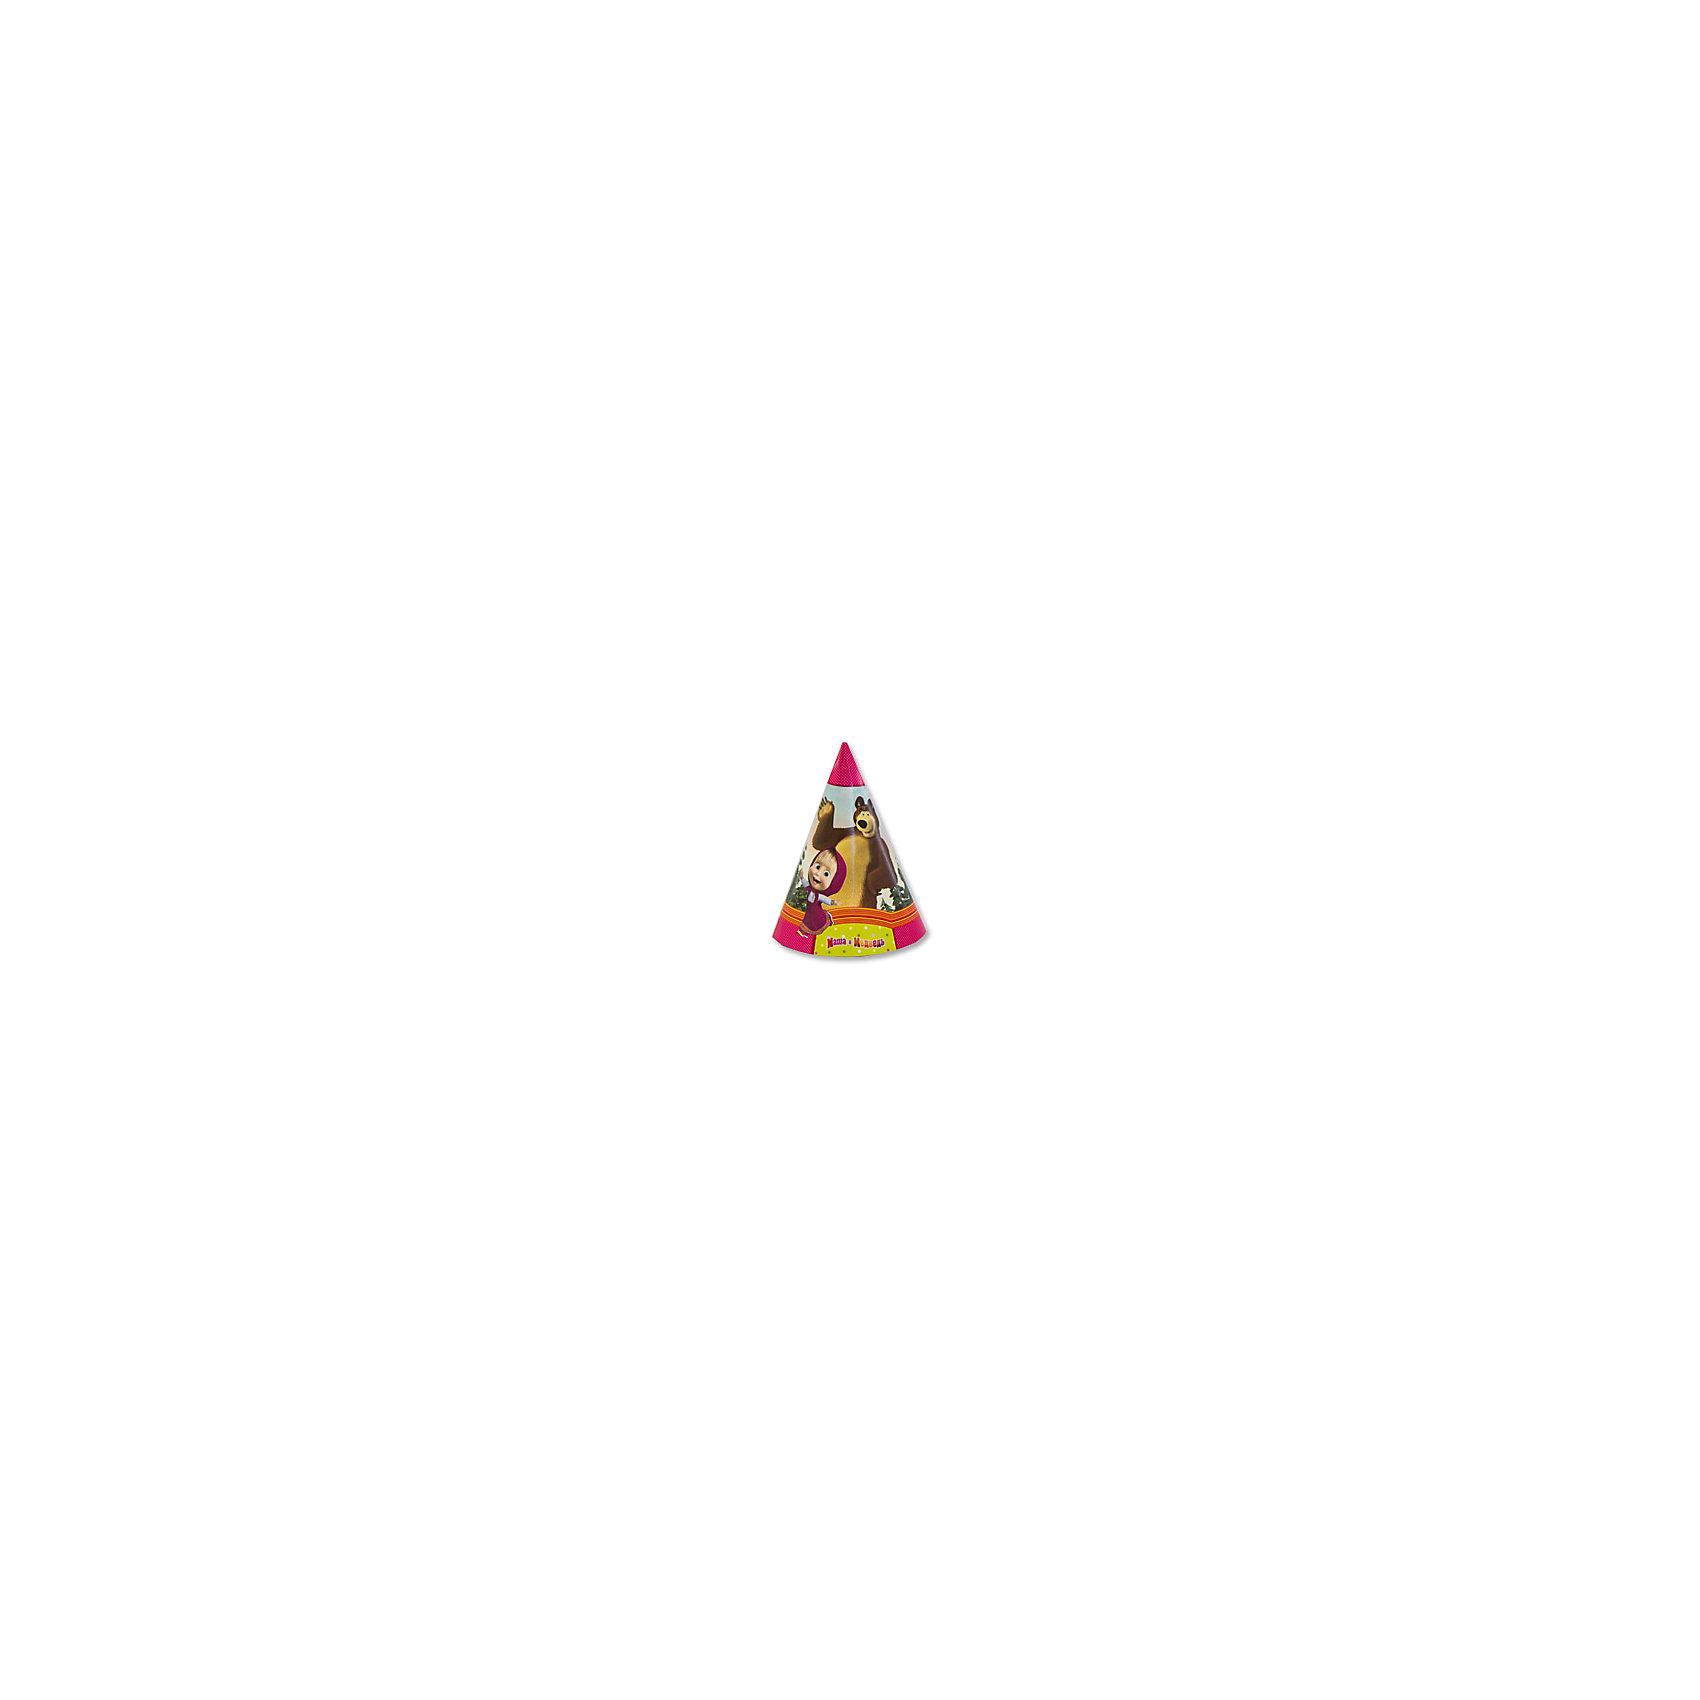 Колпак праздничный Маша и Медведь, 6шт., Веселая ЗатеяВсё для праздника<br>Колпак праздничный Маша и Медведь, 6шт., Веселая Затея<br><br>Характеристики:<br><br>• Количество: 6 штук<br>• Крепление: шнурок под шеей<br>• Картинка: «Маша и Медведь»<br><br>Этот яркий колпак может стать одним из важных атрибутов детского праздника. Он подарит вашему ребенку радость и добавит праздничной атмосферы к обстановке. Его удобно надевать на голову, закрепив эластичный шнур под шеей. Несколько таких колпаков смогут позабавить вашего ребенка и его друзей и добавят веселья.<br><br>Колпак праздничный Маша и Медведь, 6шт., Веселая Затея можно купить в нашем интернет-магазине.<br><br>Ширина мм: 140<br>Глубина мм: 420<br>Высота мм: 140<br>Вес г: 60<br>Возраст от месяцев: 36<br>Возраст до месяцев: 2147483647<br>Пол: Унисекс<br>Возраст: Детский<br>SKU: 5445419